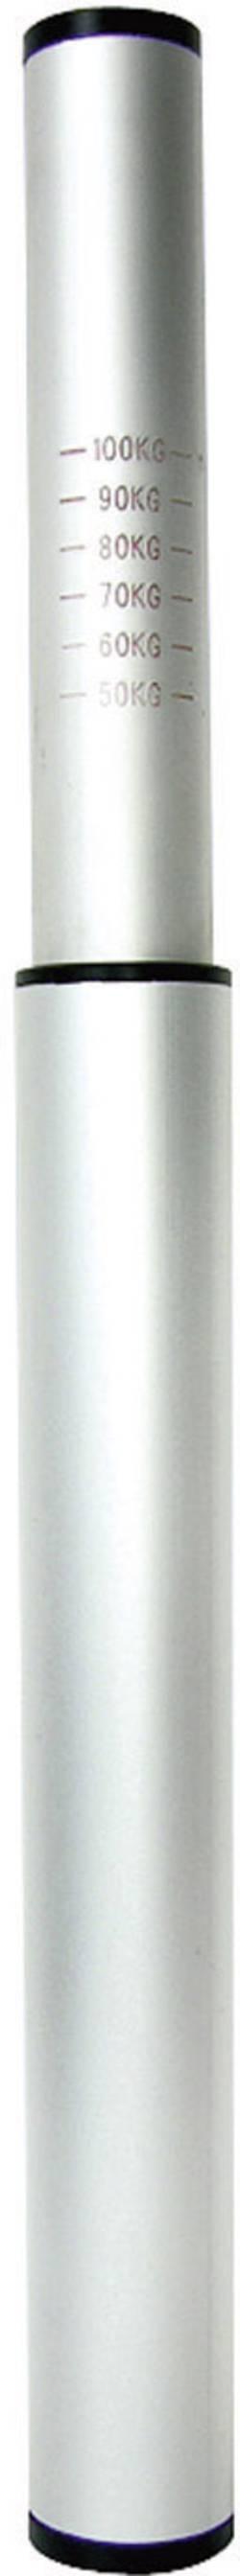 Image of Deichselwaage Aluminium LAS 11818